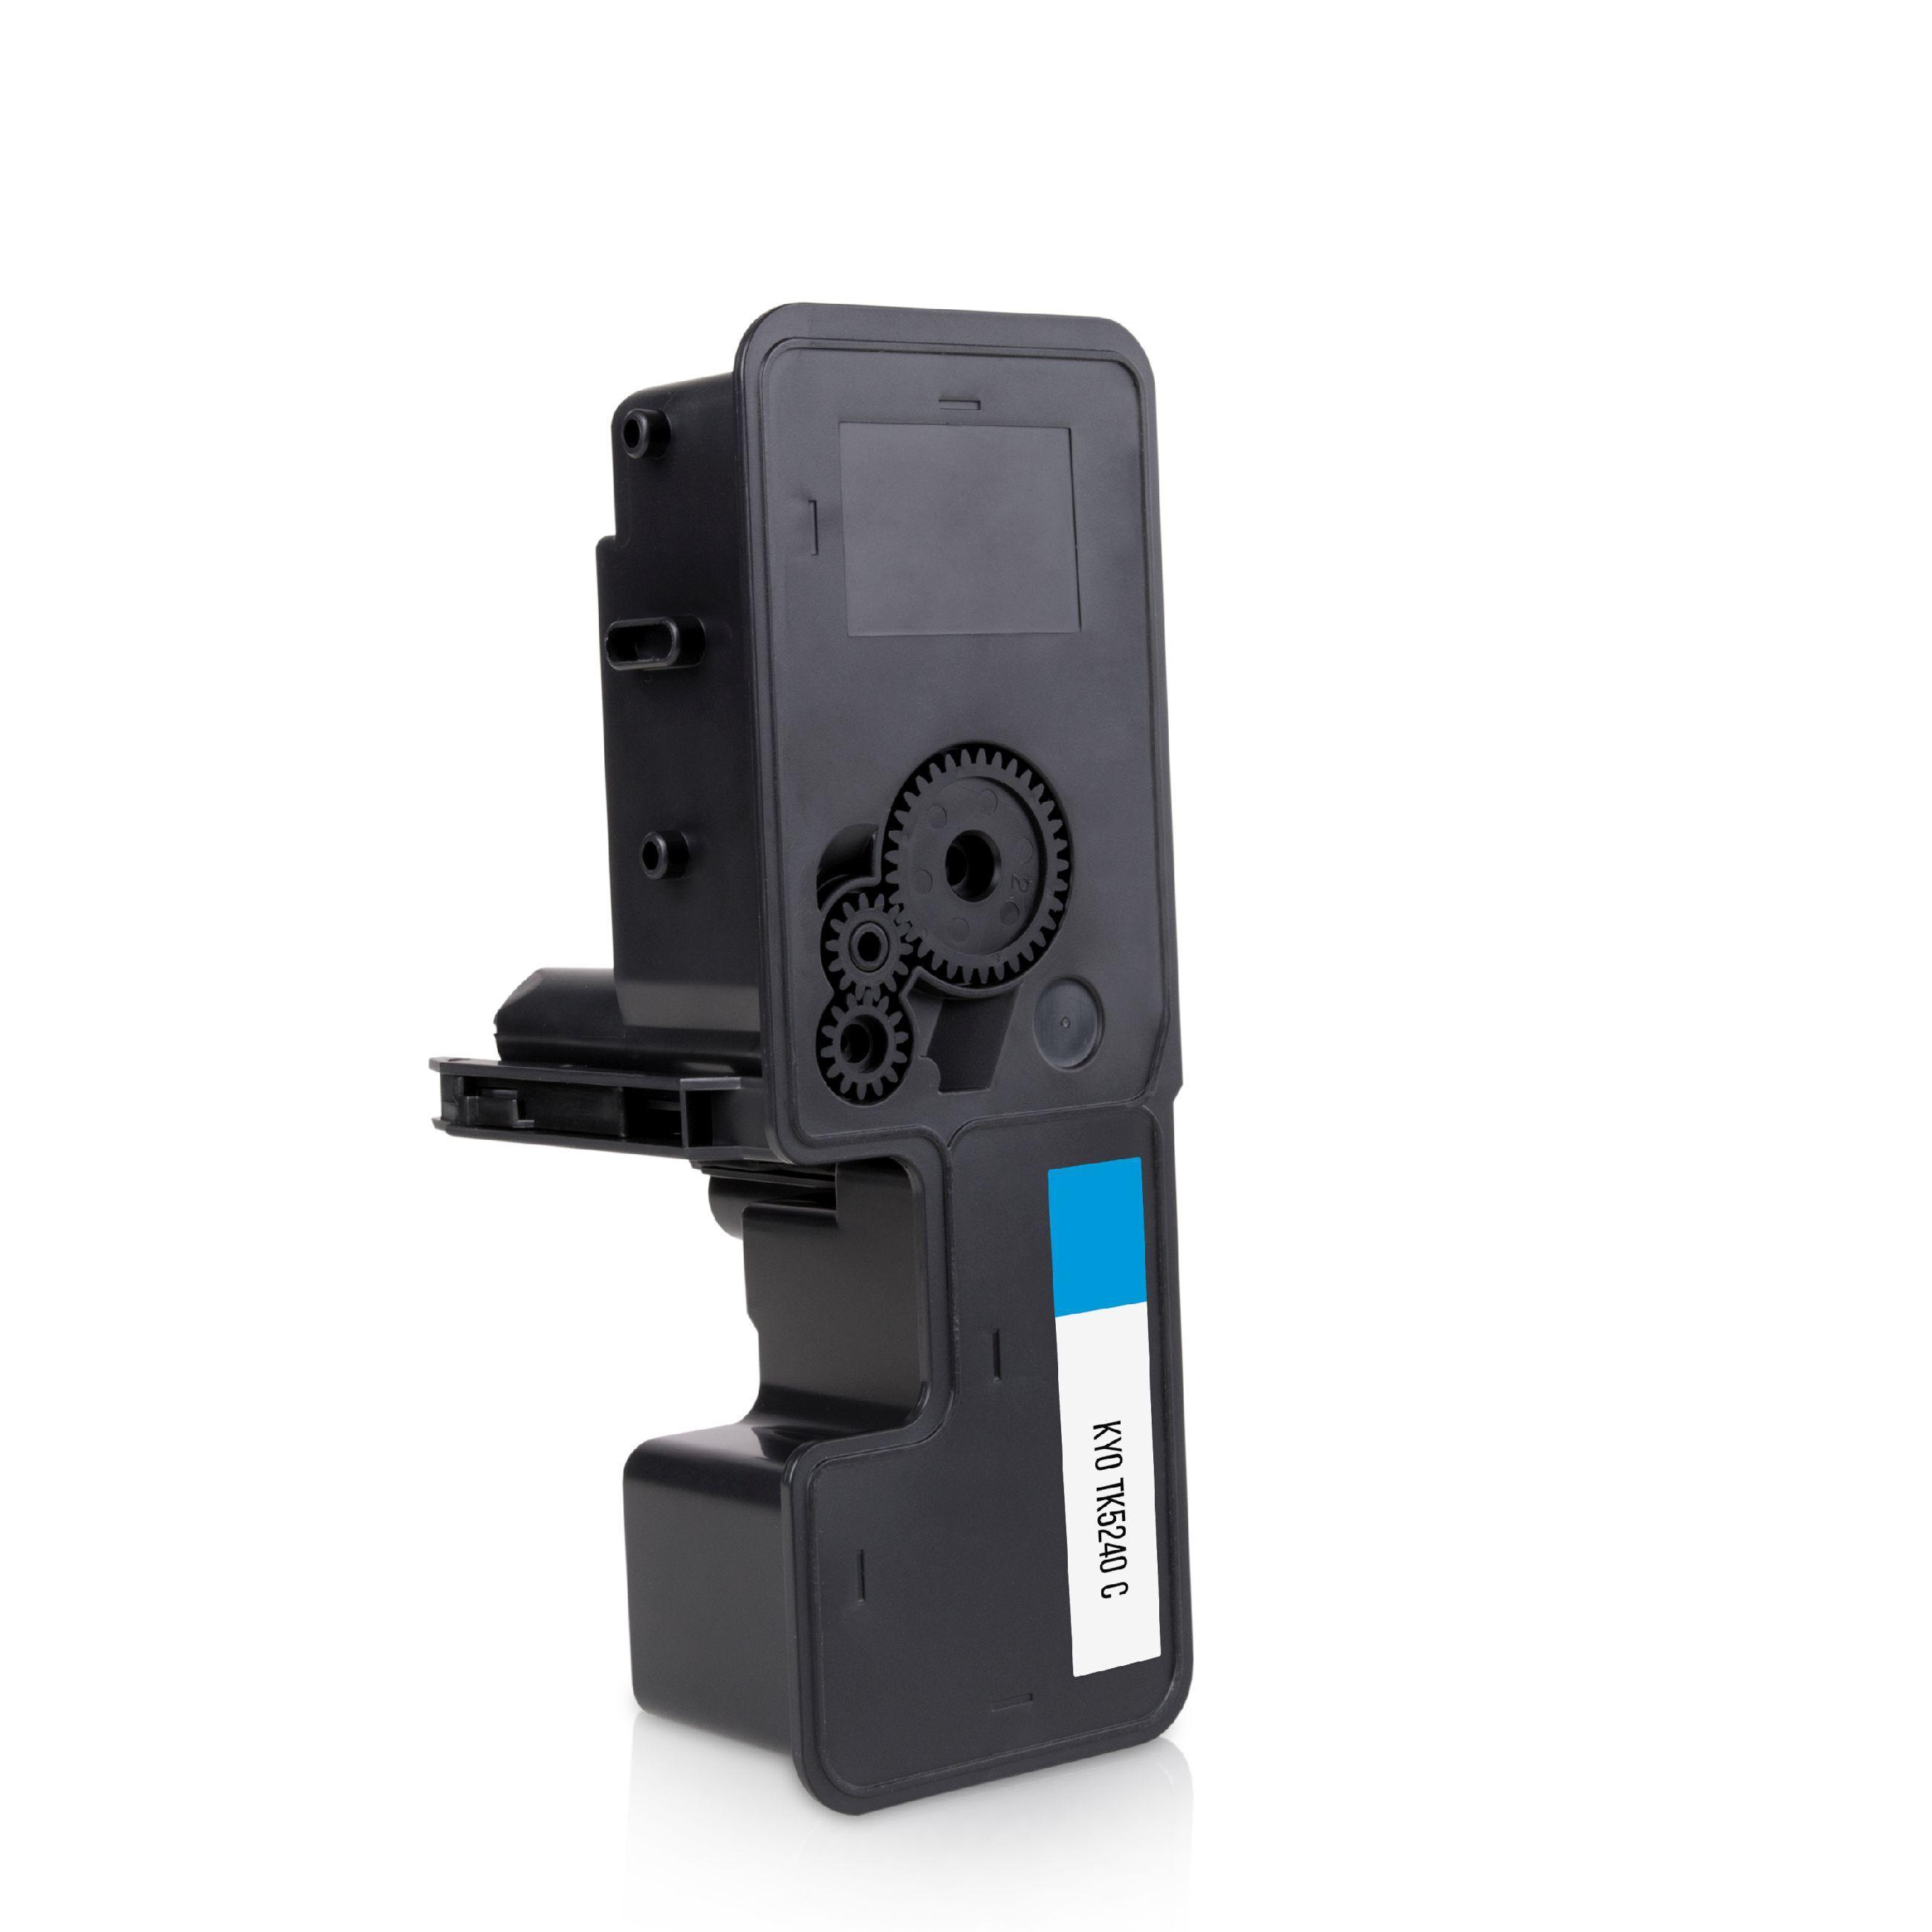 Kyocera Cartouche de Toner pour Kyocera 1T02R7CNL0 / TK-5240 C cyan compatible (de marque ASC)